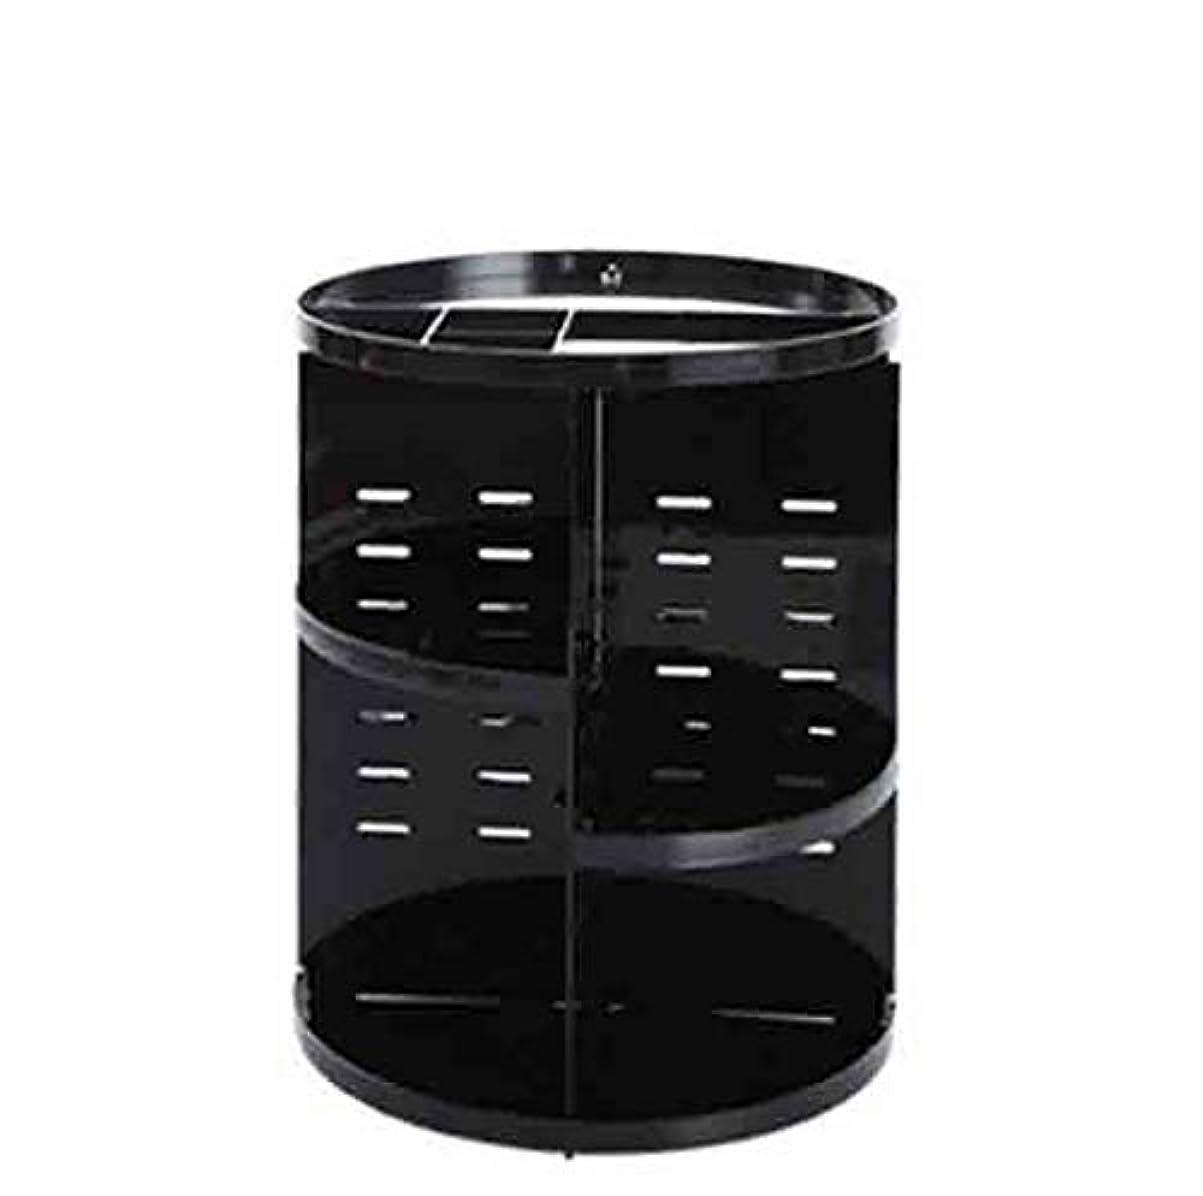 平均急速な話デスクトップ化粧品収納ボックスプラスチック化粧台回転化粧ケーススキンケア収納ラック収納ラック (Color : ブラック)